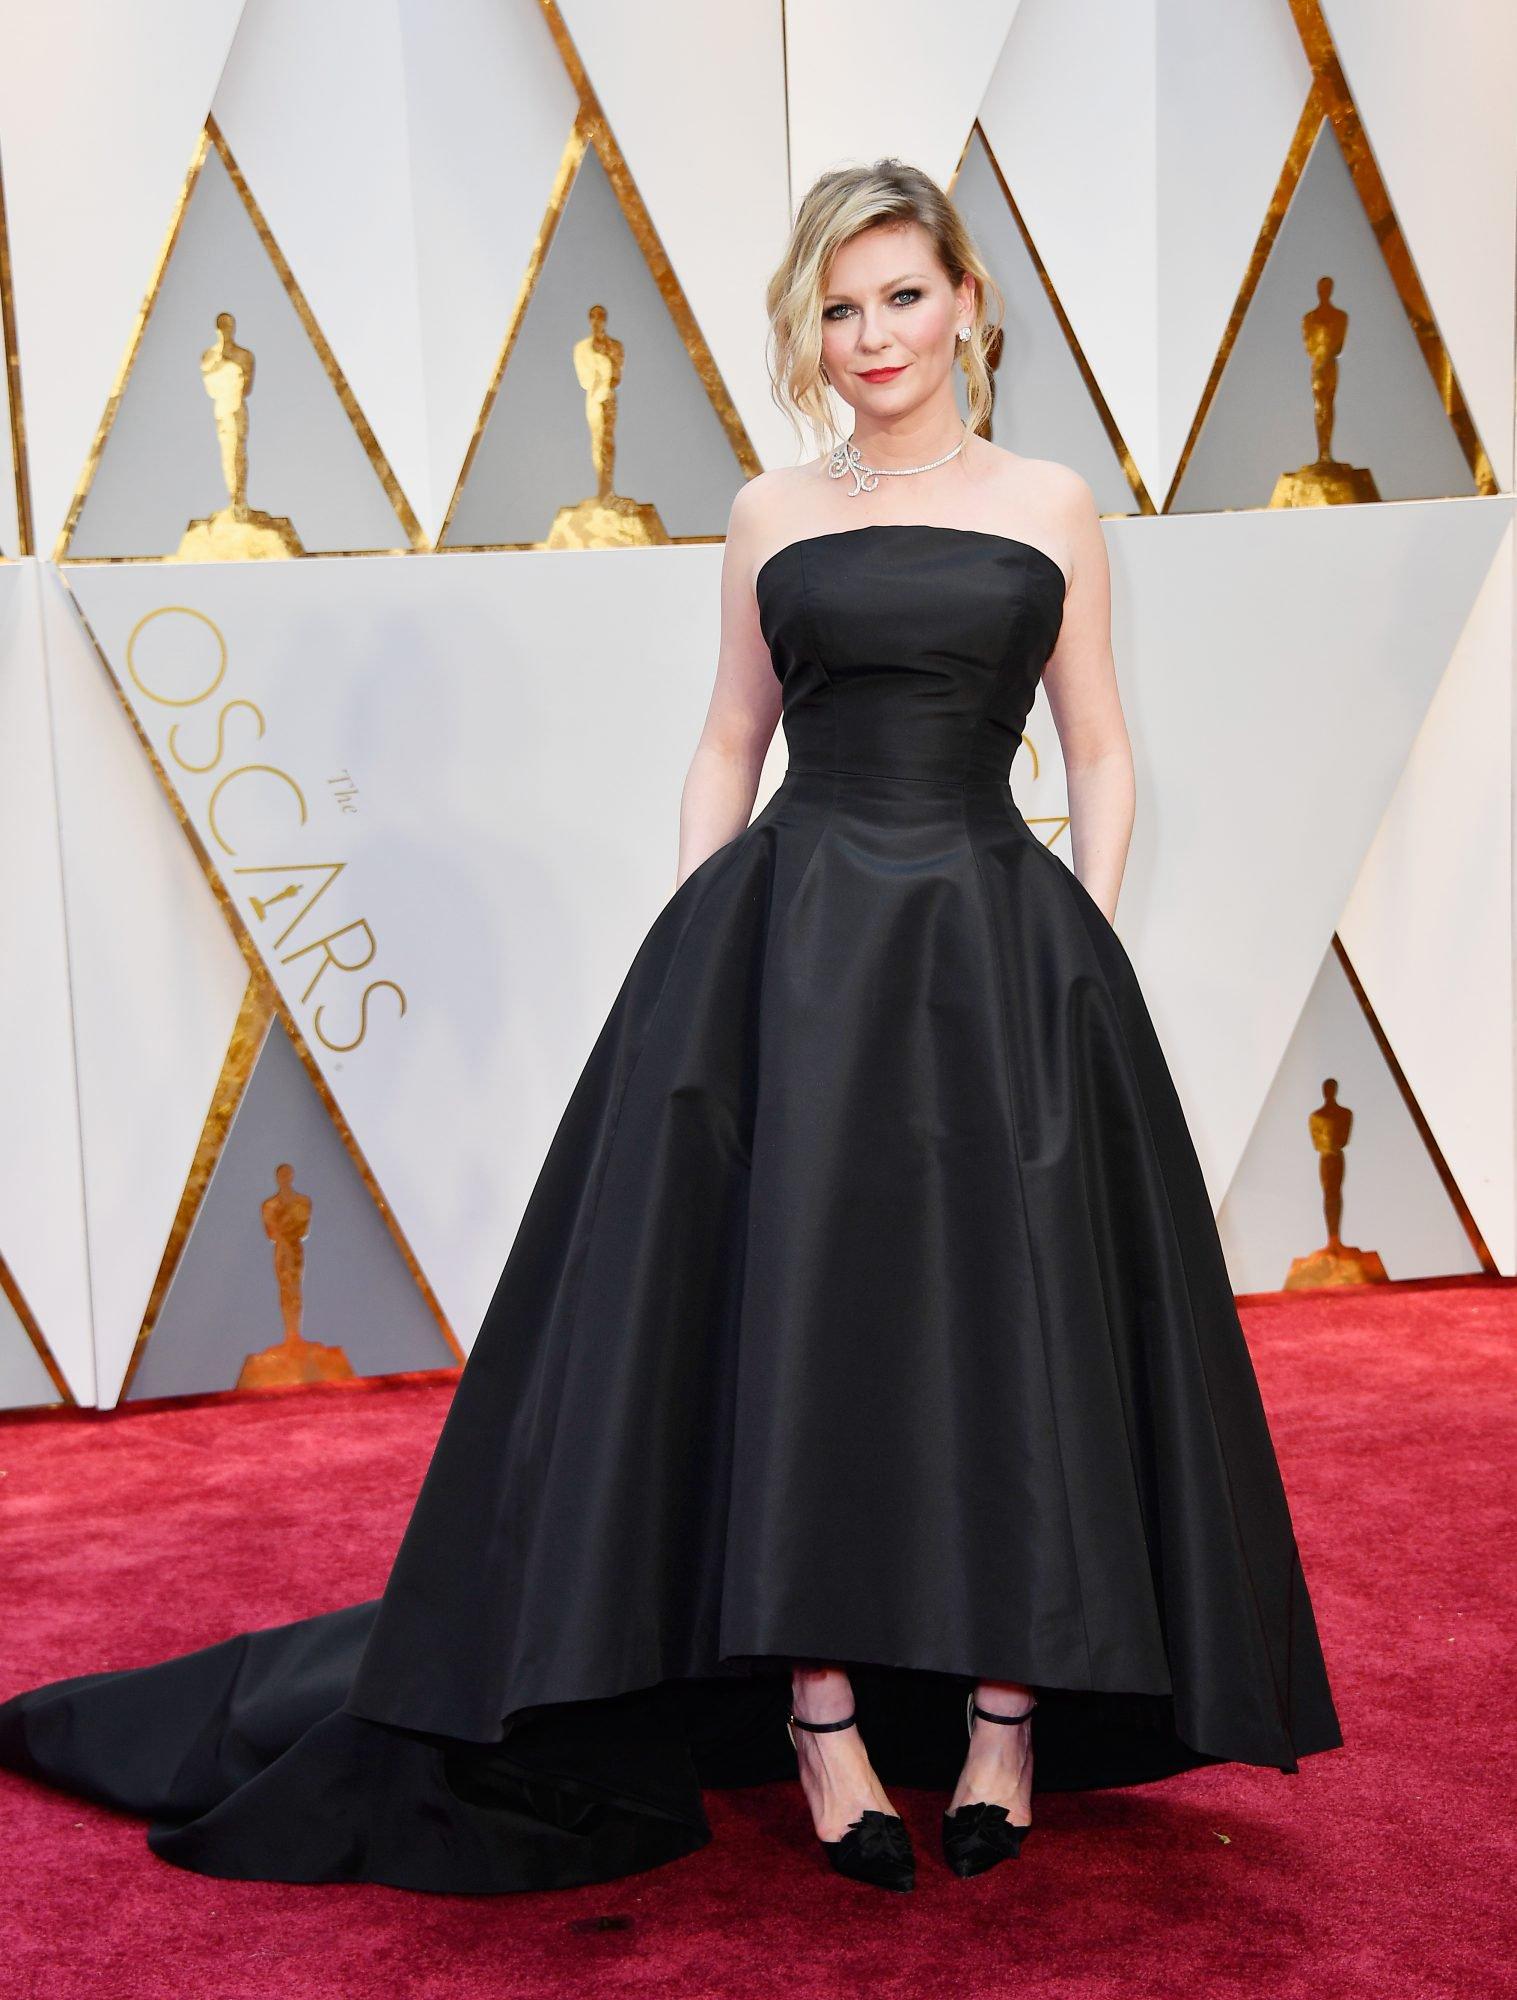 Os vestidos mais estranhos que as celebs já usaram no Oscar